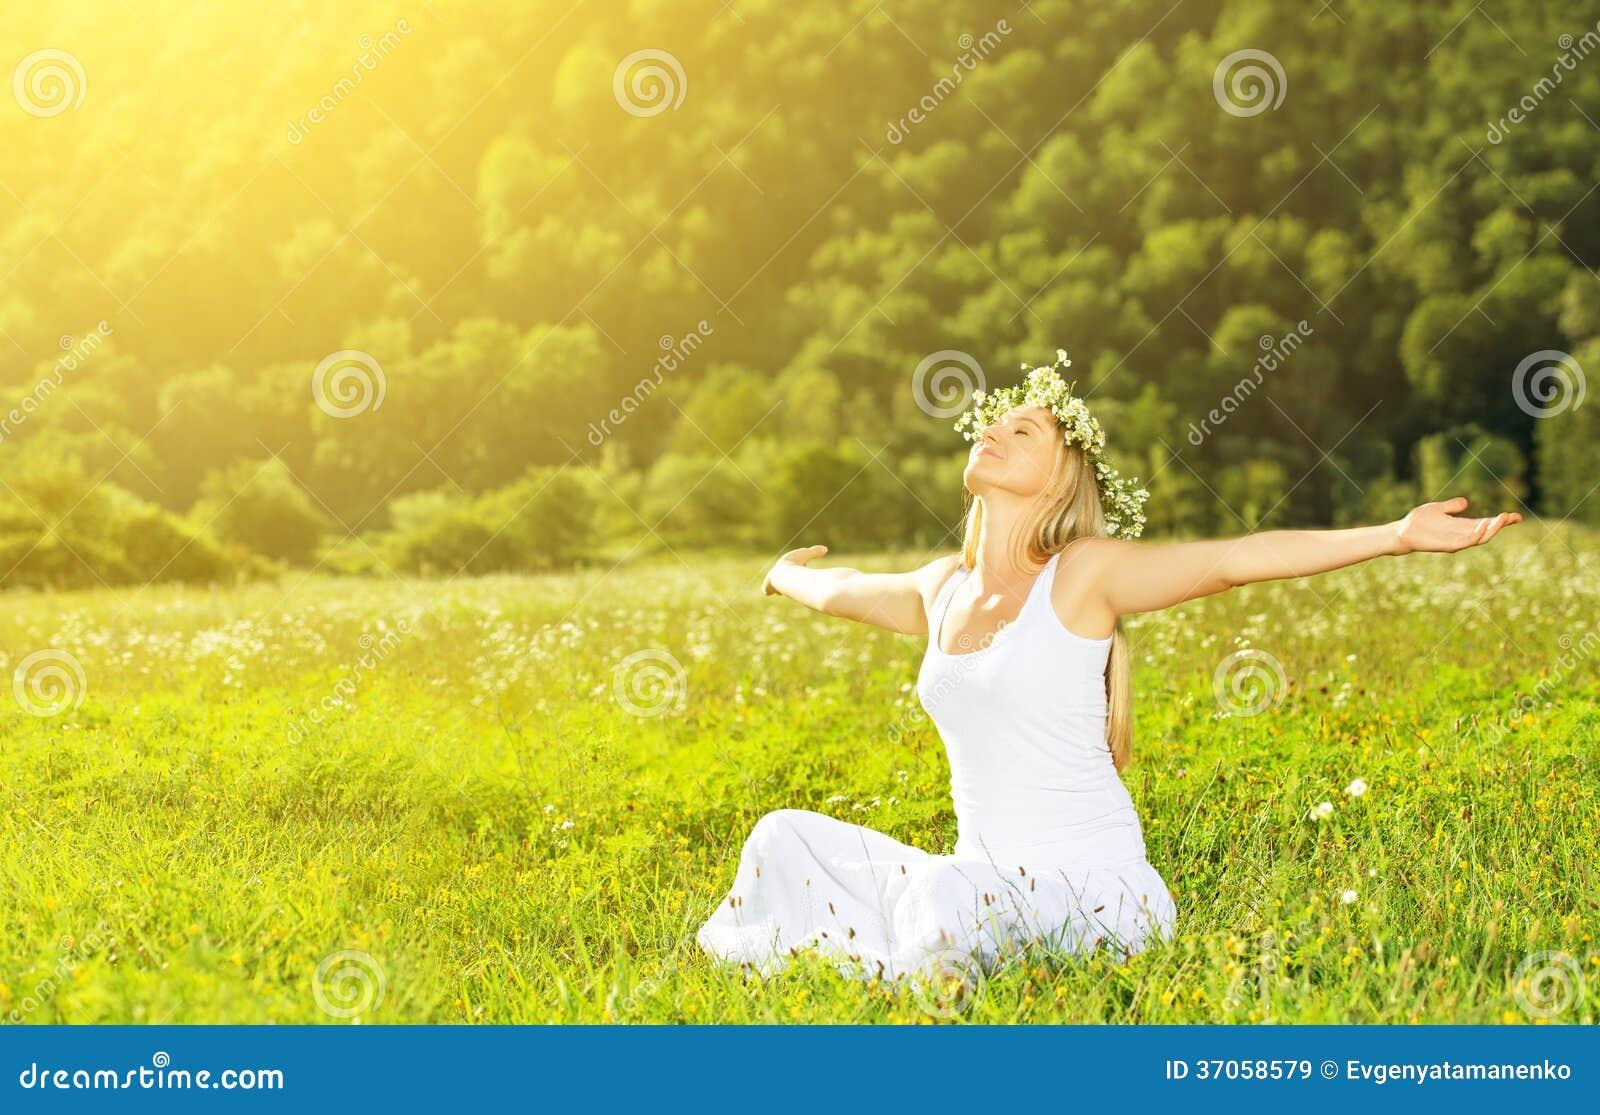 Glückliche Frau im Sommer des Kranzes draußen das Leben genießend